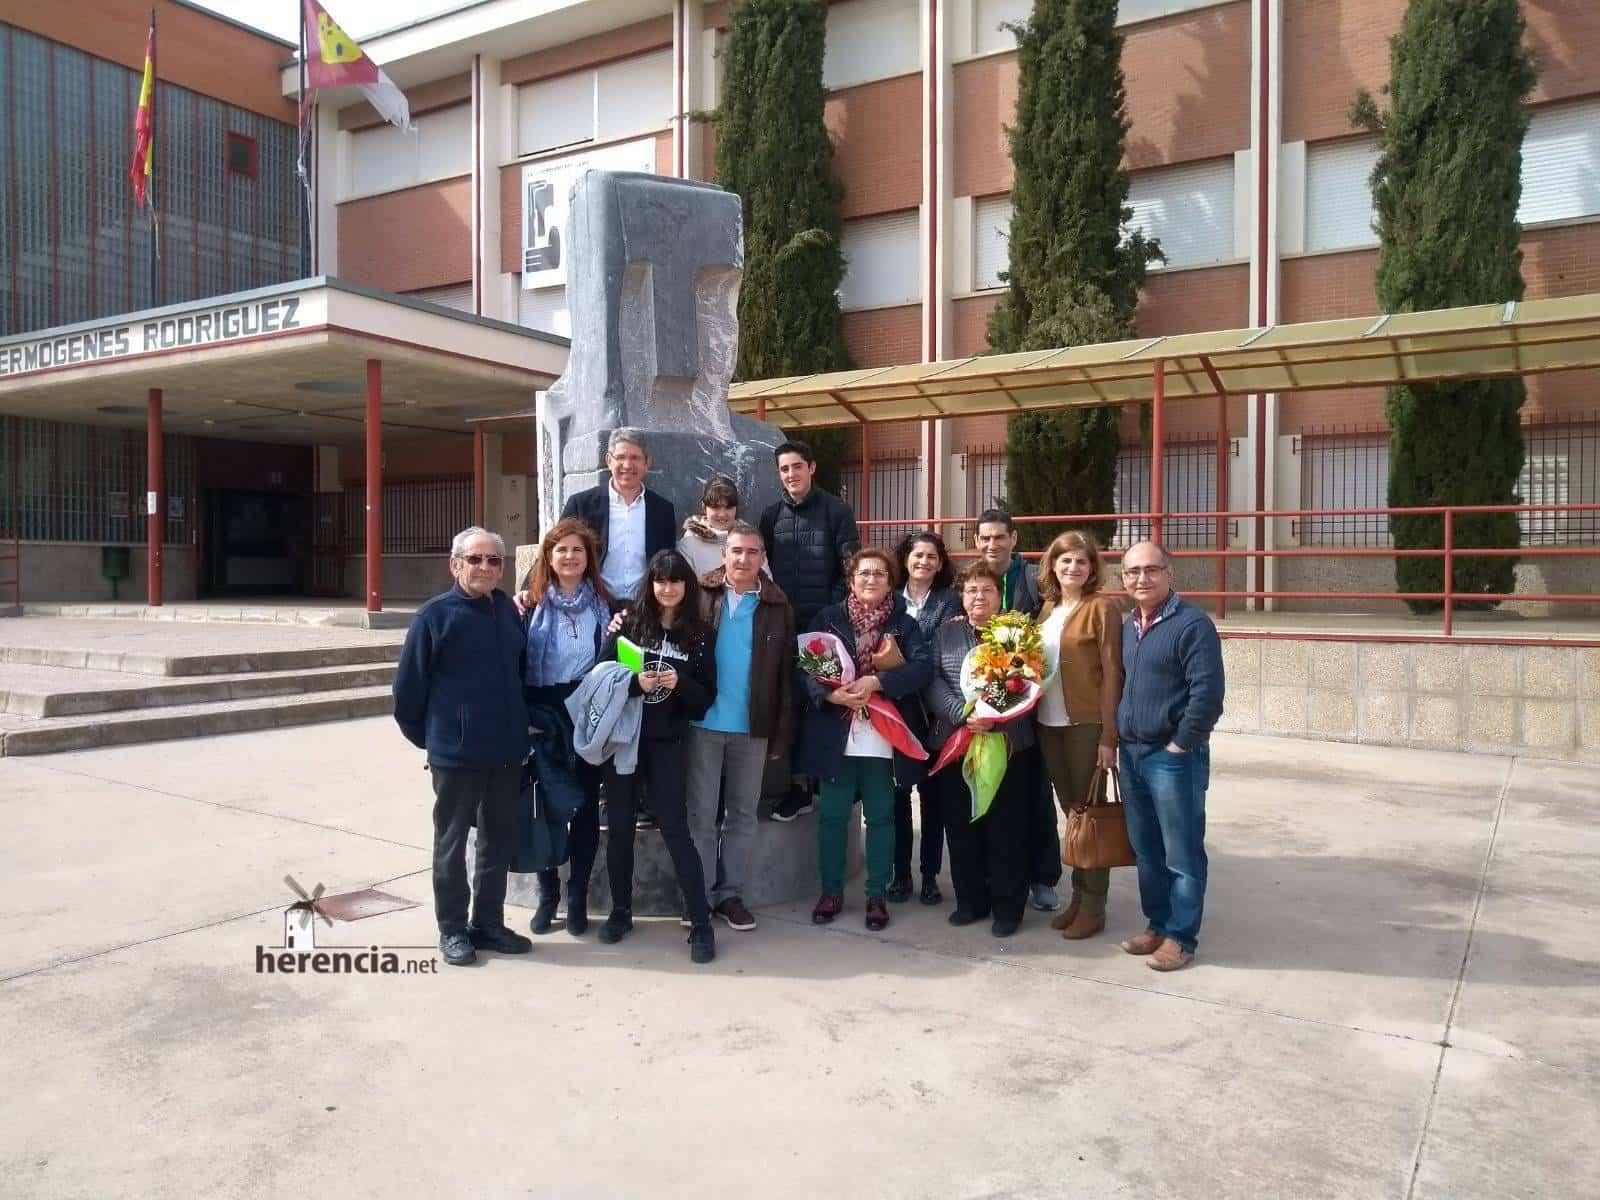 familia inolvidables hermogenes rodriguez - Actos de inolvidables II: Tejiendo la red de la igualdad